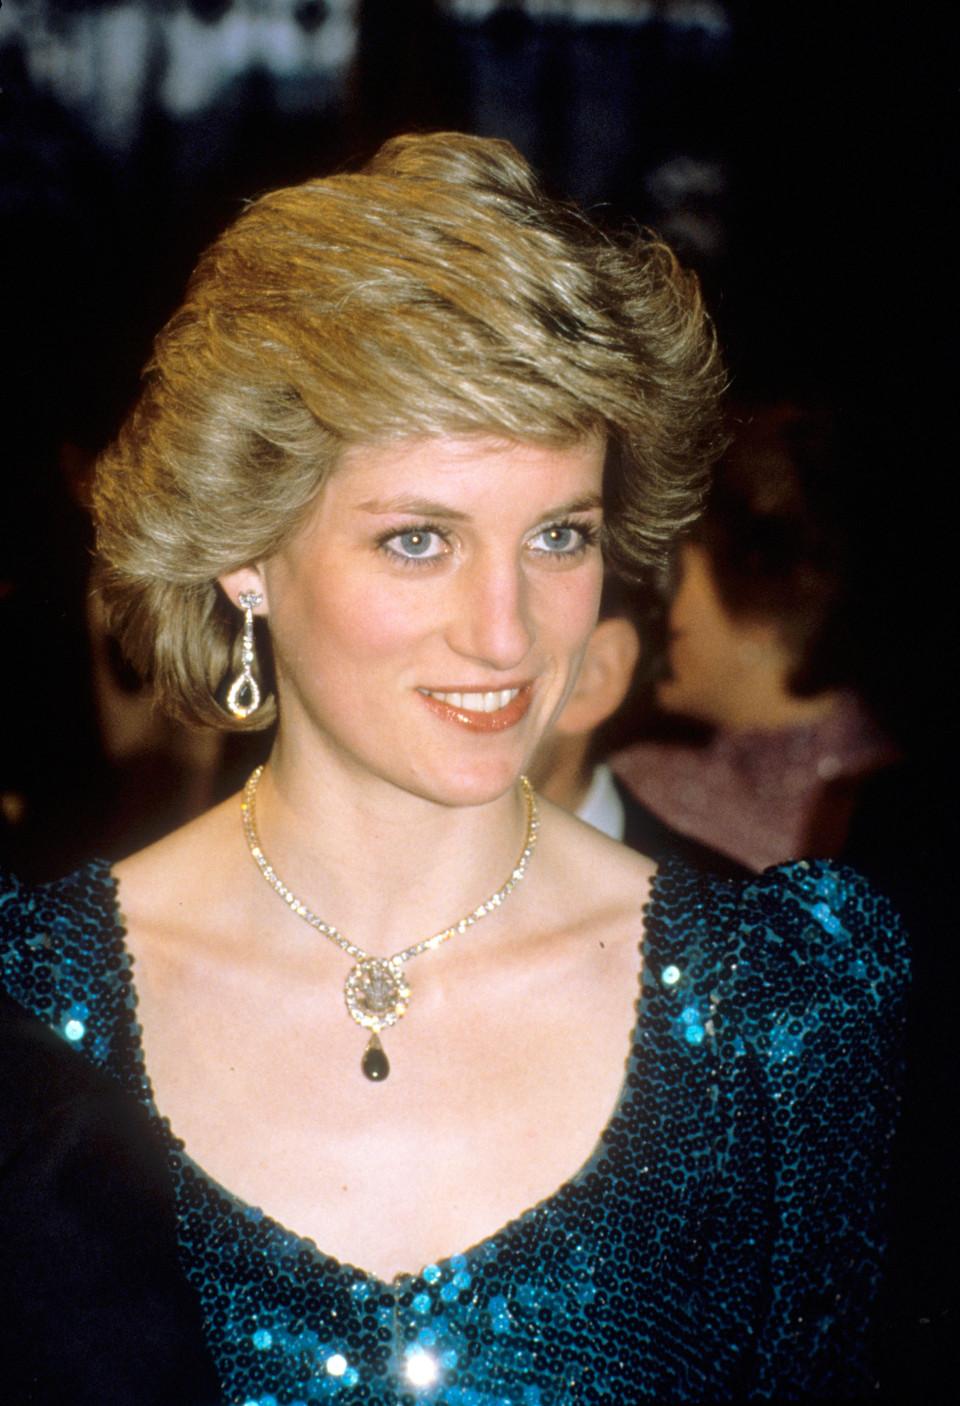 卡蜜拉出席老公的重要活動故意戴「黛安娜的珠寶」 網友狂批:這樣宣示主權很噁心!